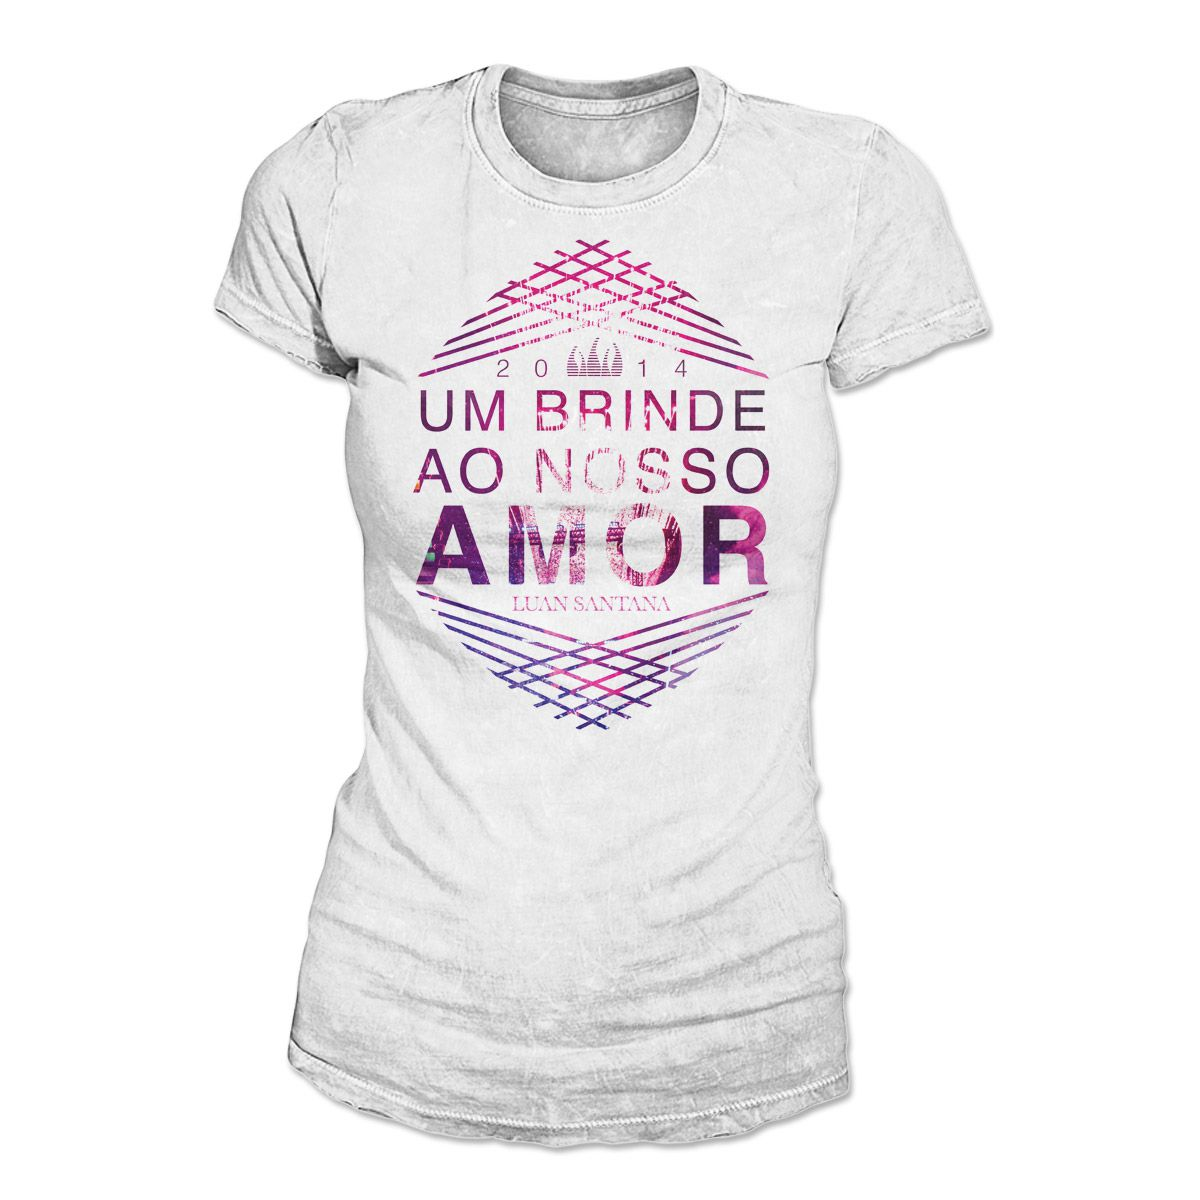 Camiseta Feminina Luan Santana - Um Brinde Ao Nosso Amor 2